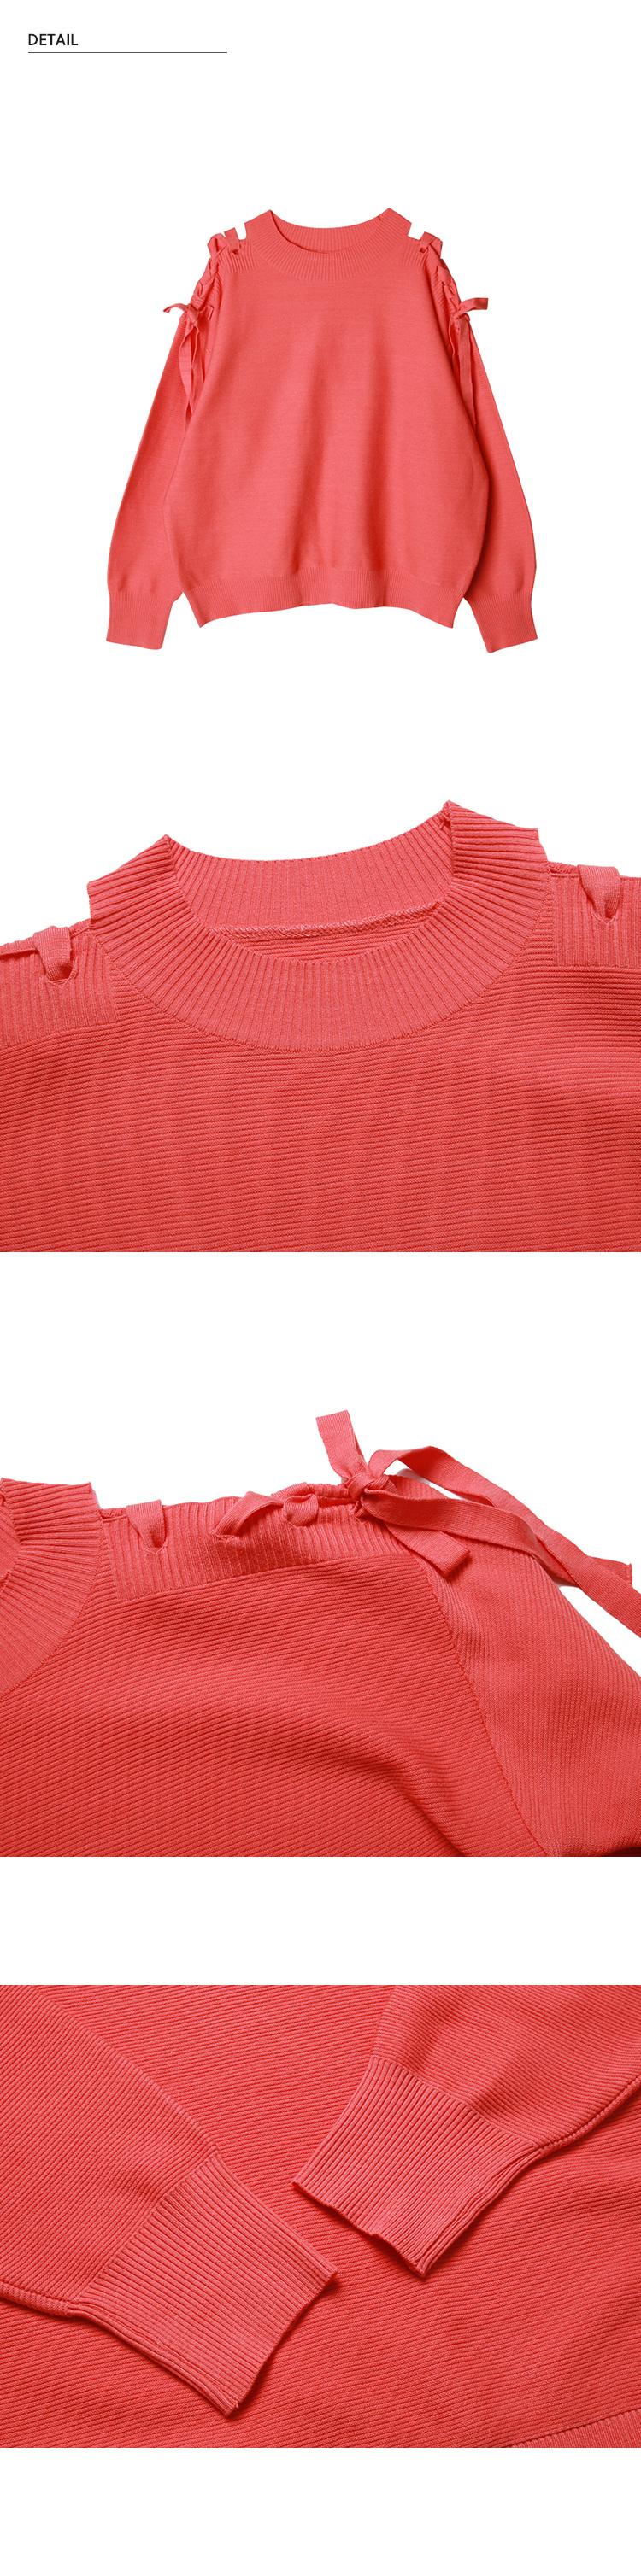 몬츠(MONTS) 858 slit strap knit (coral)